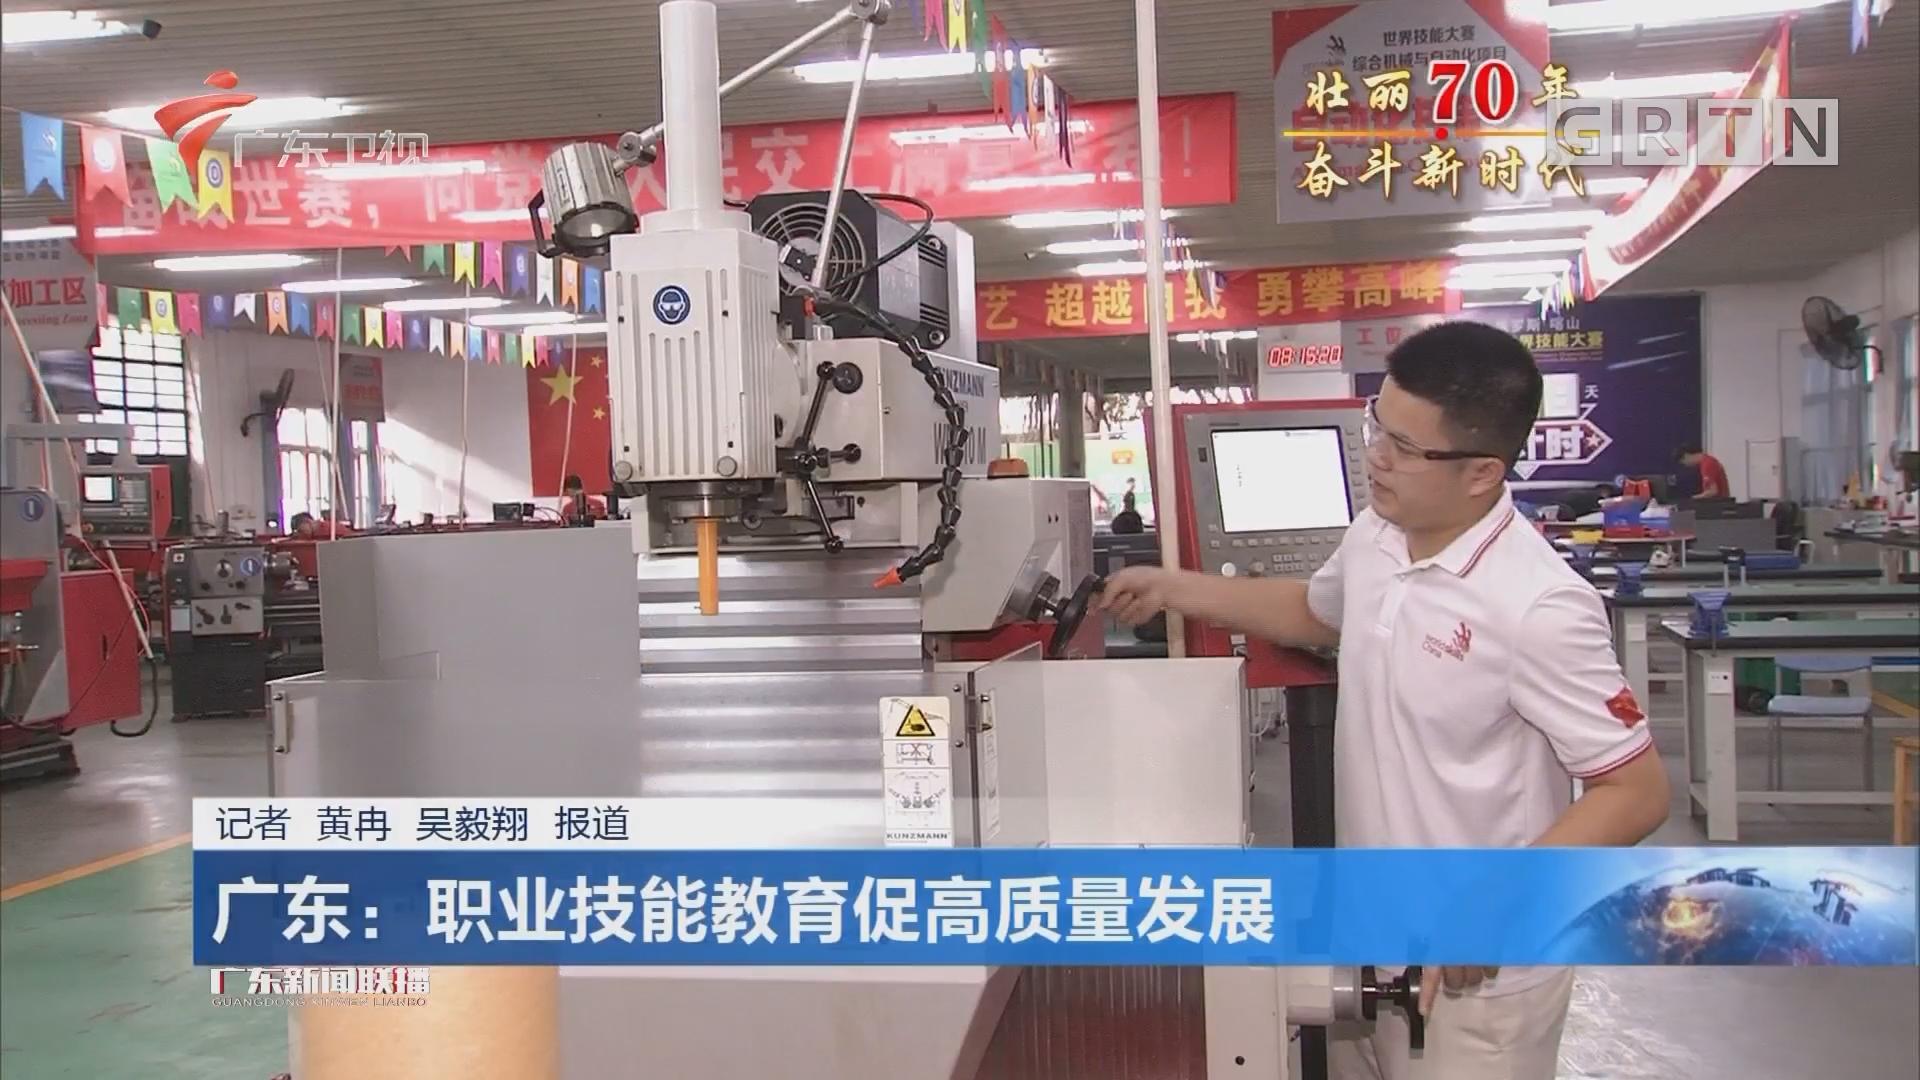 广东:职业技能教育促高质量发展